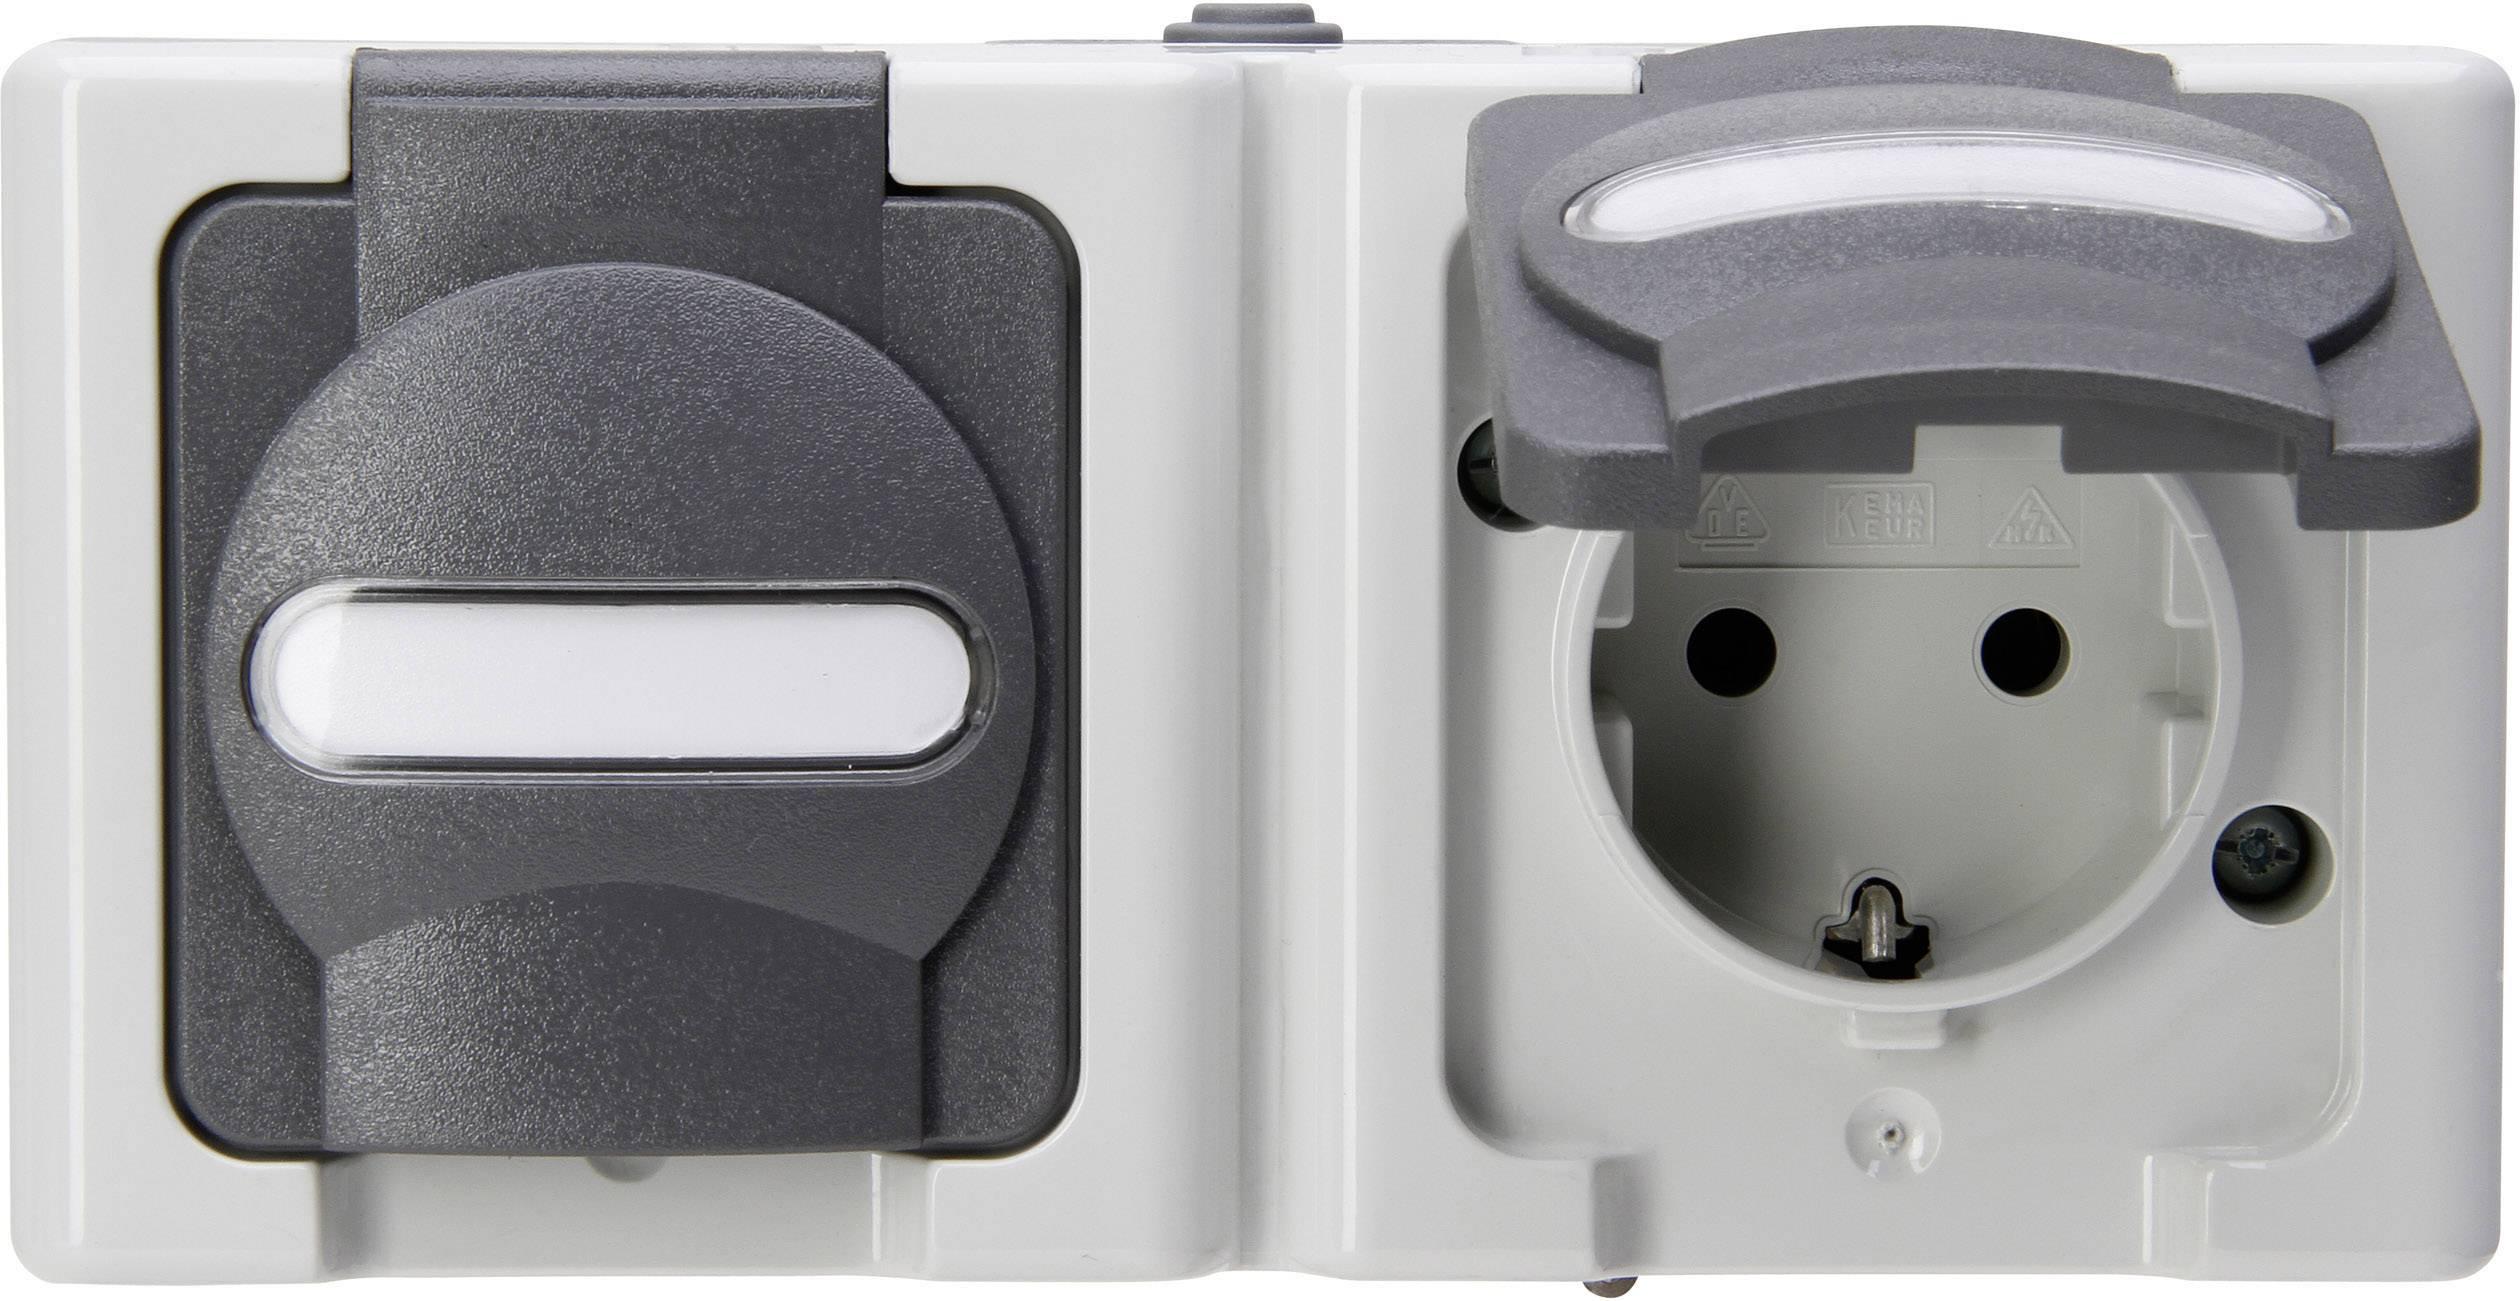 Kopp Blue Electric wandcontactdoos IP44 horizontaal met deksel en randaarde 2-voudig - grijs